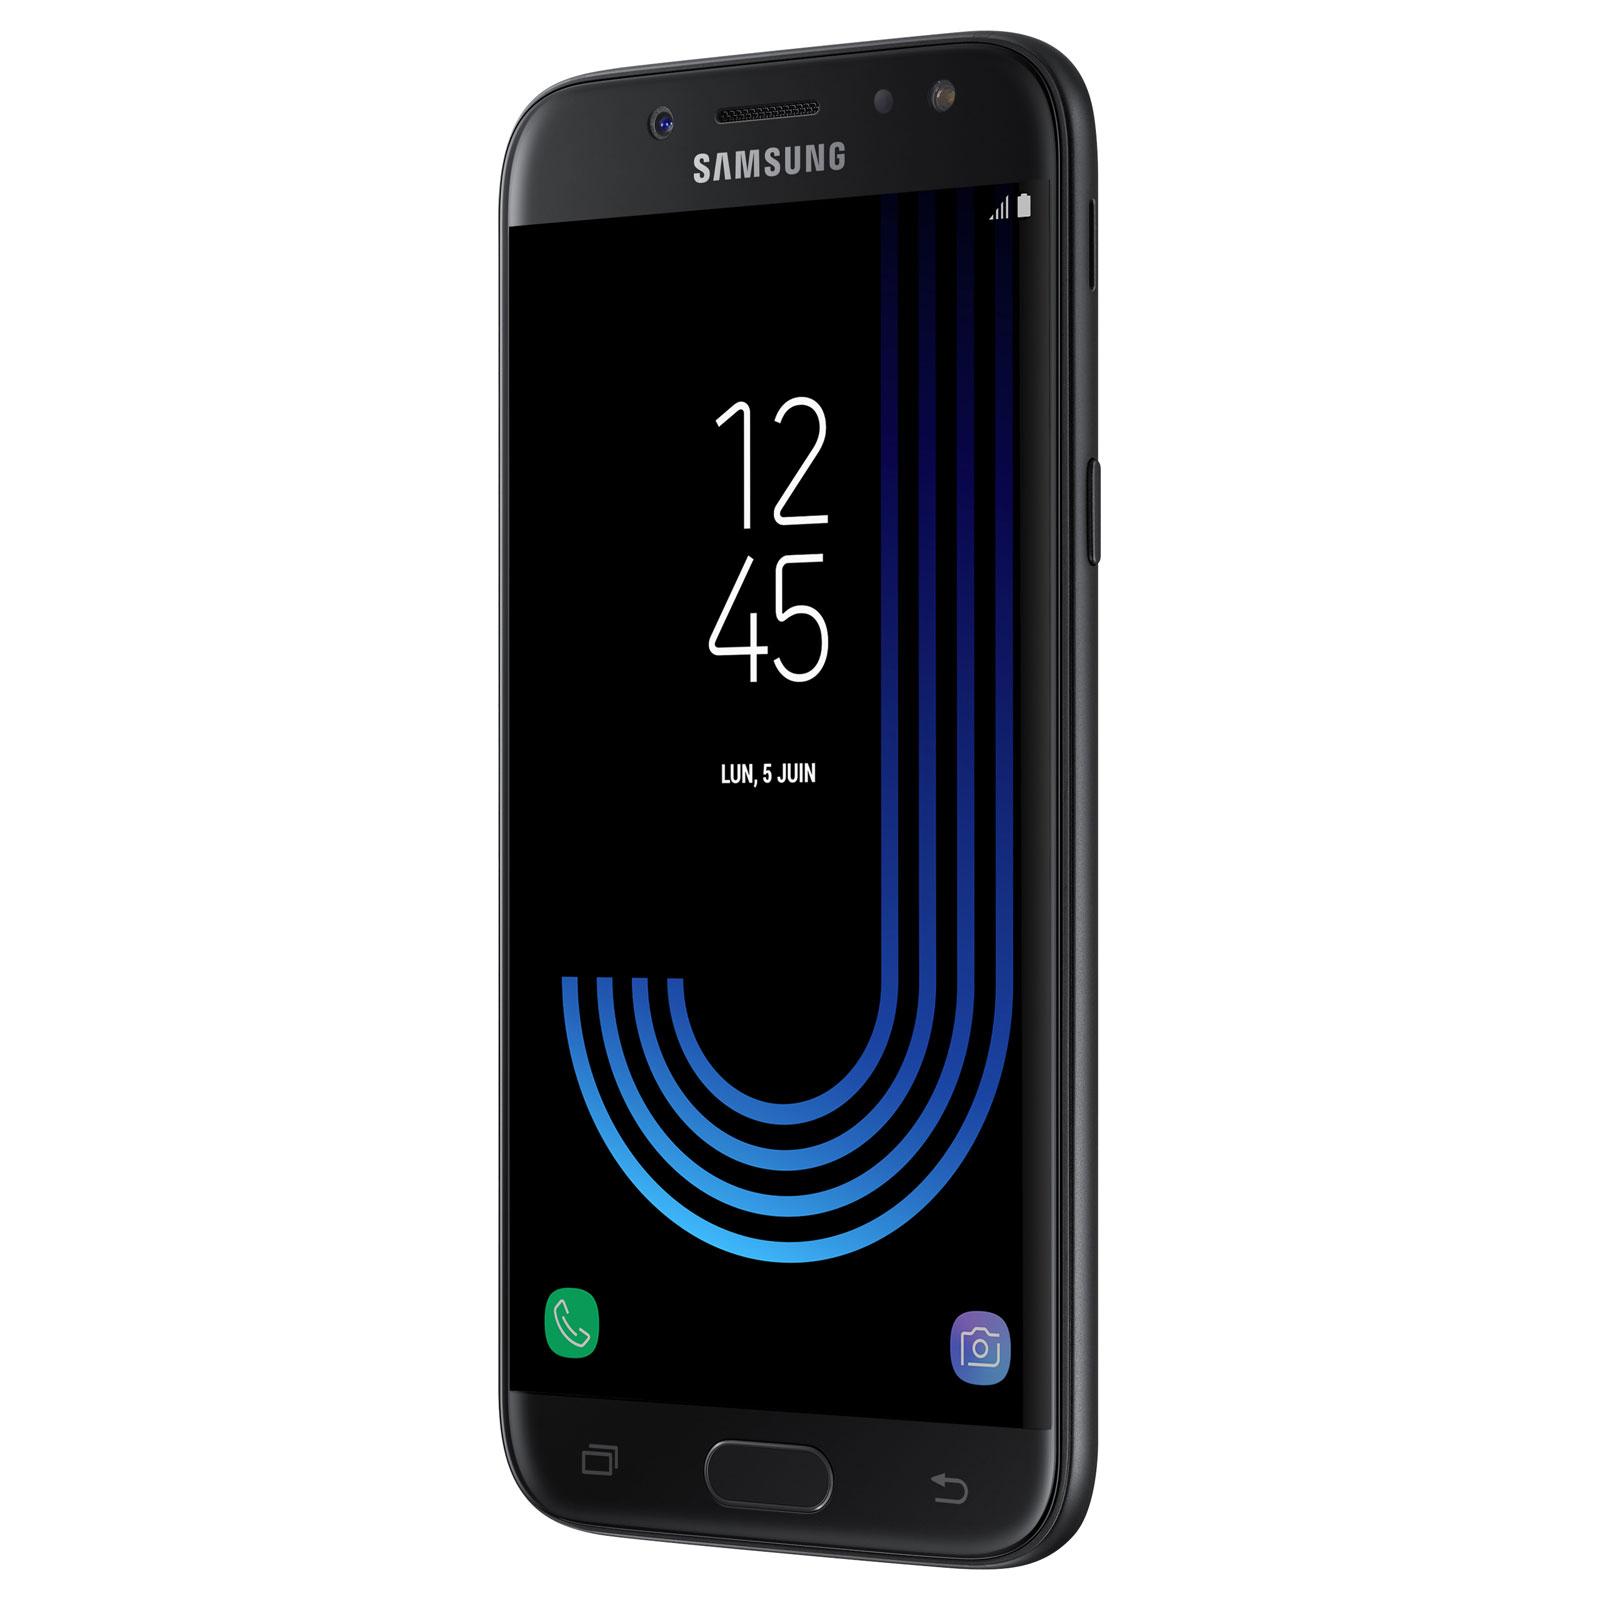 samsung galaxy j5 2017 noir mobile smartphone samsung sur ldlc. Black Bedroom Furniture Sets. Home Design Ideas